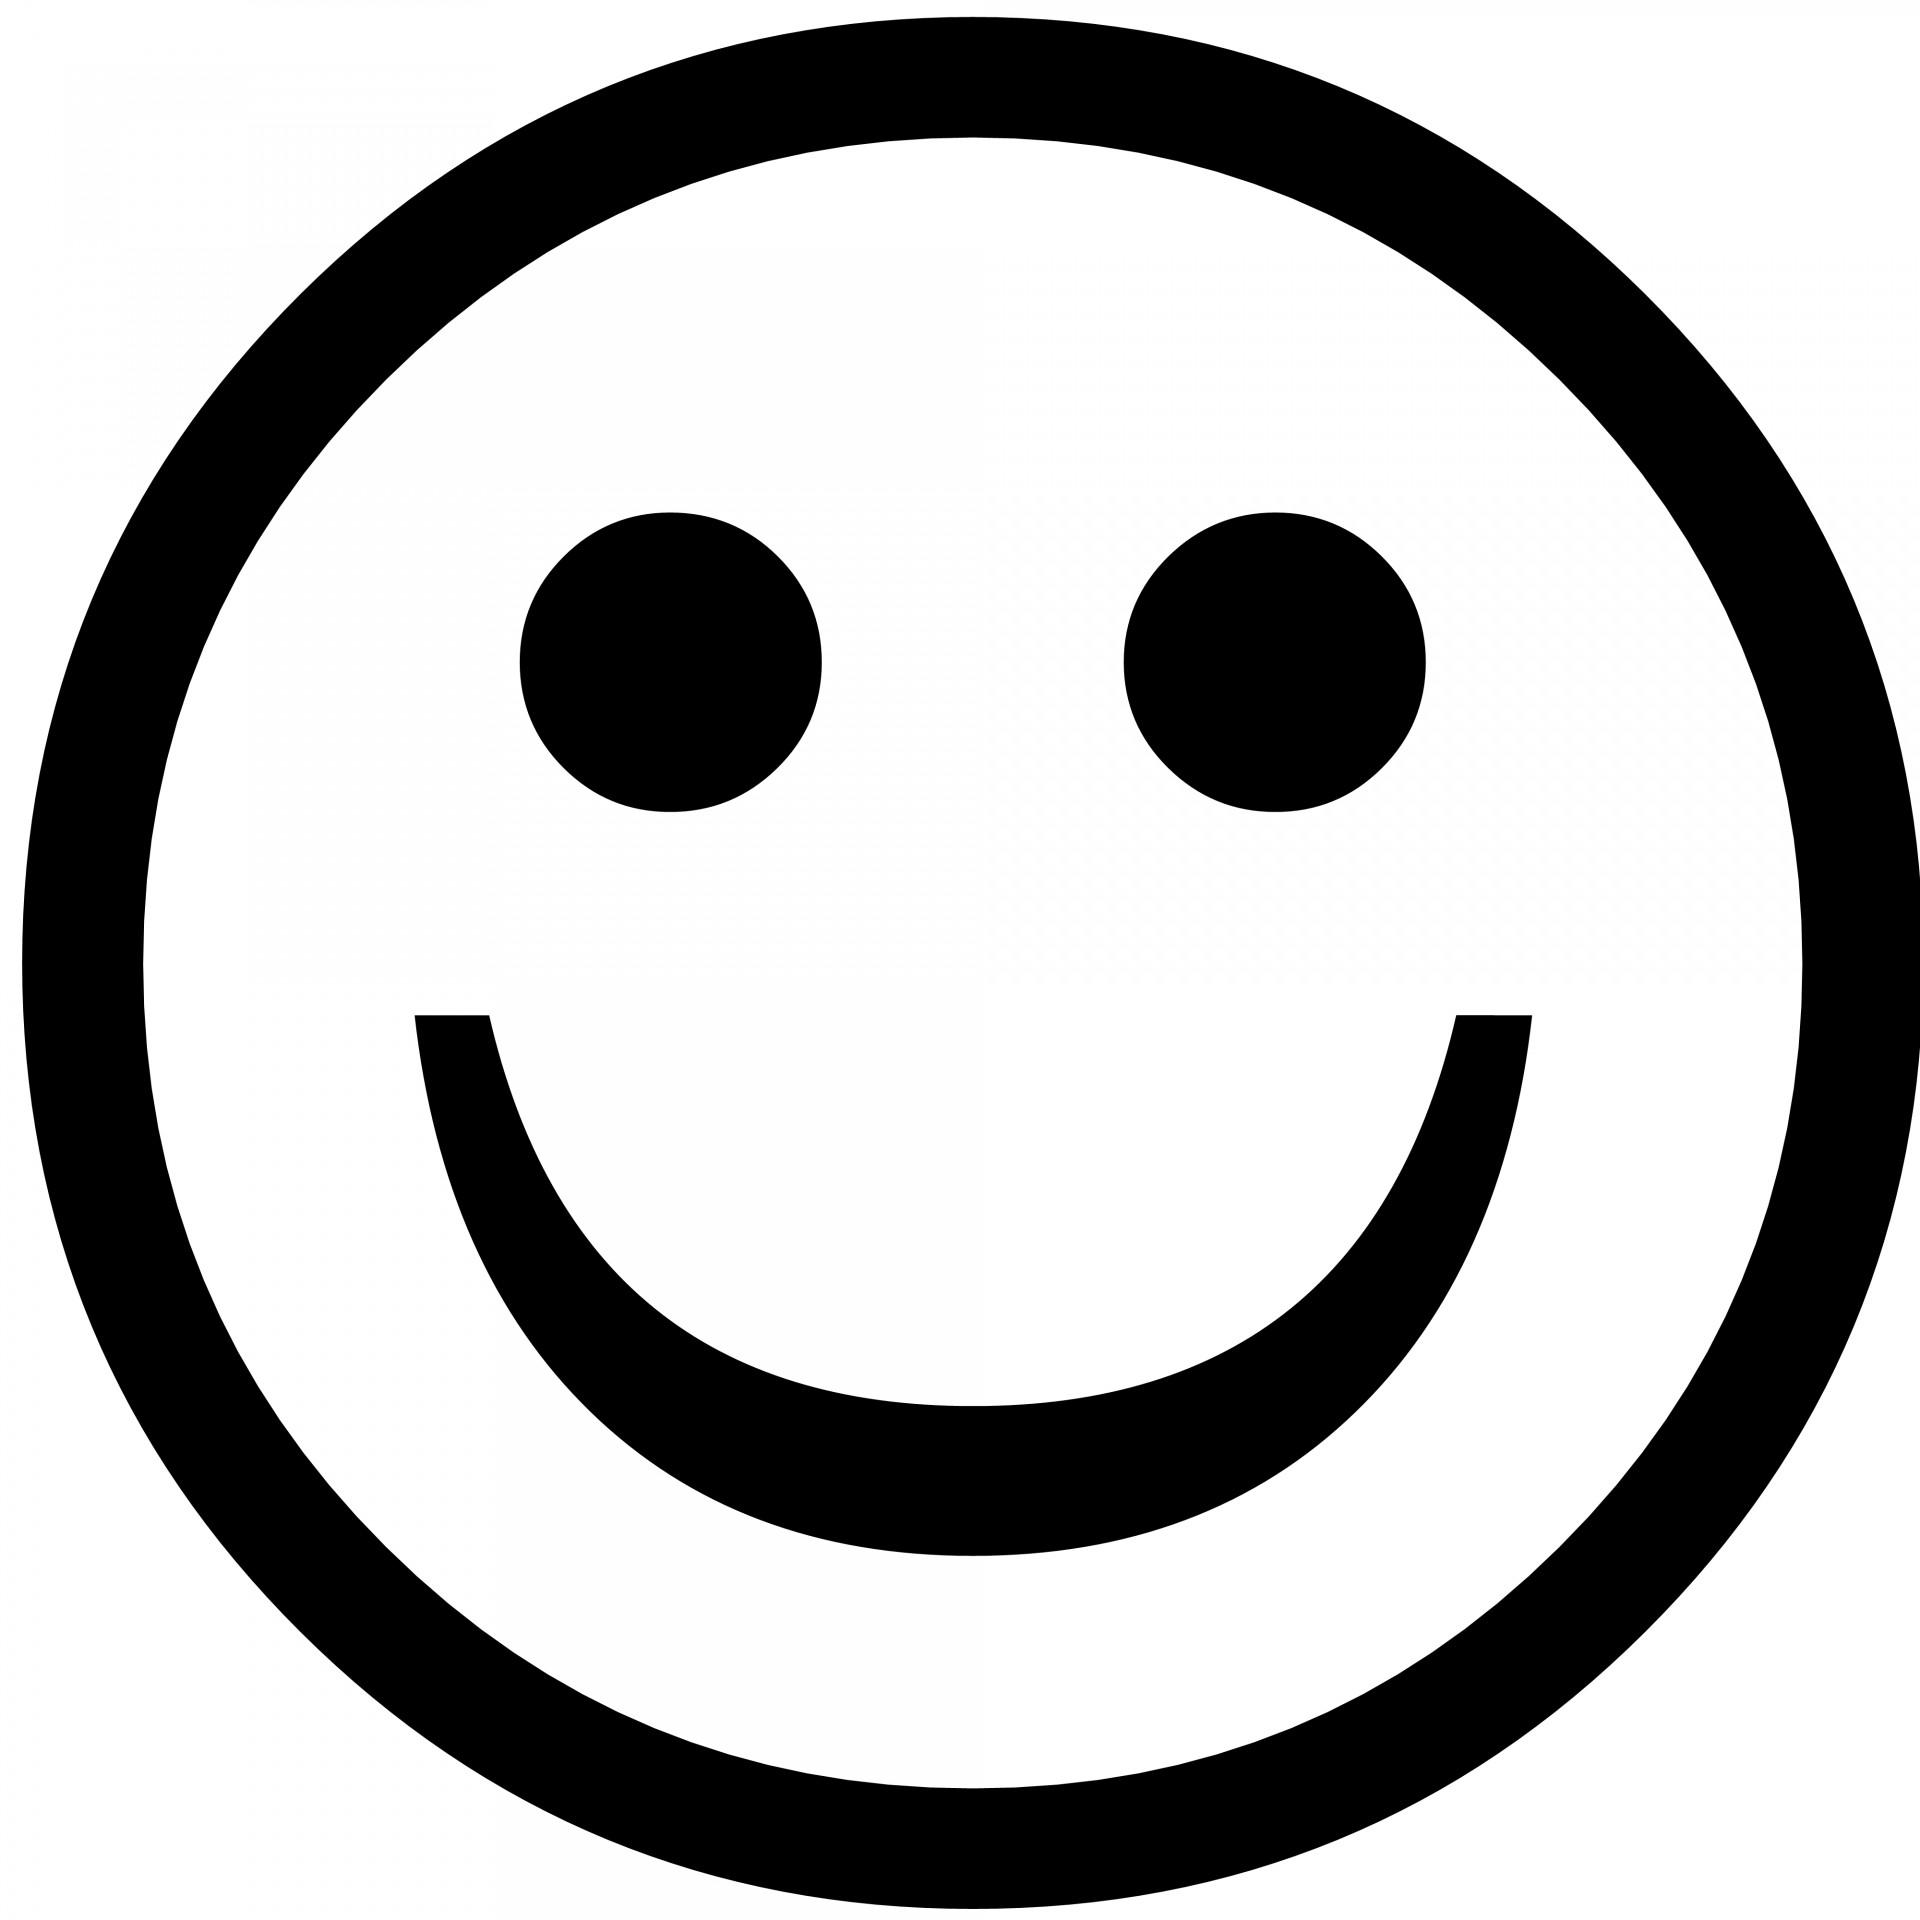 1920x1920 Smiley Silhouette Free Stock Photo